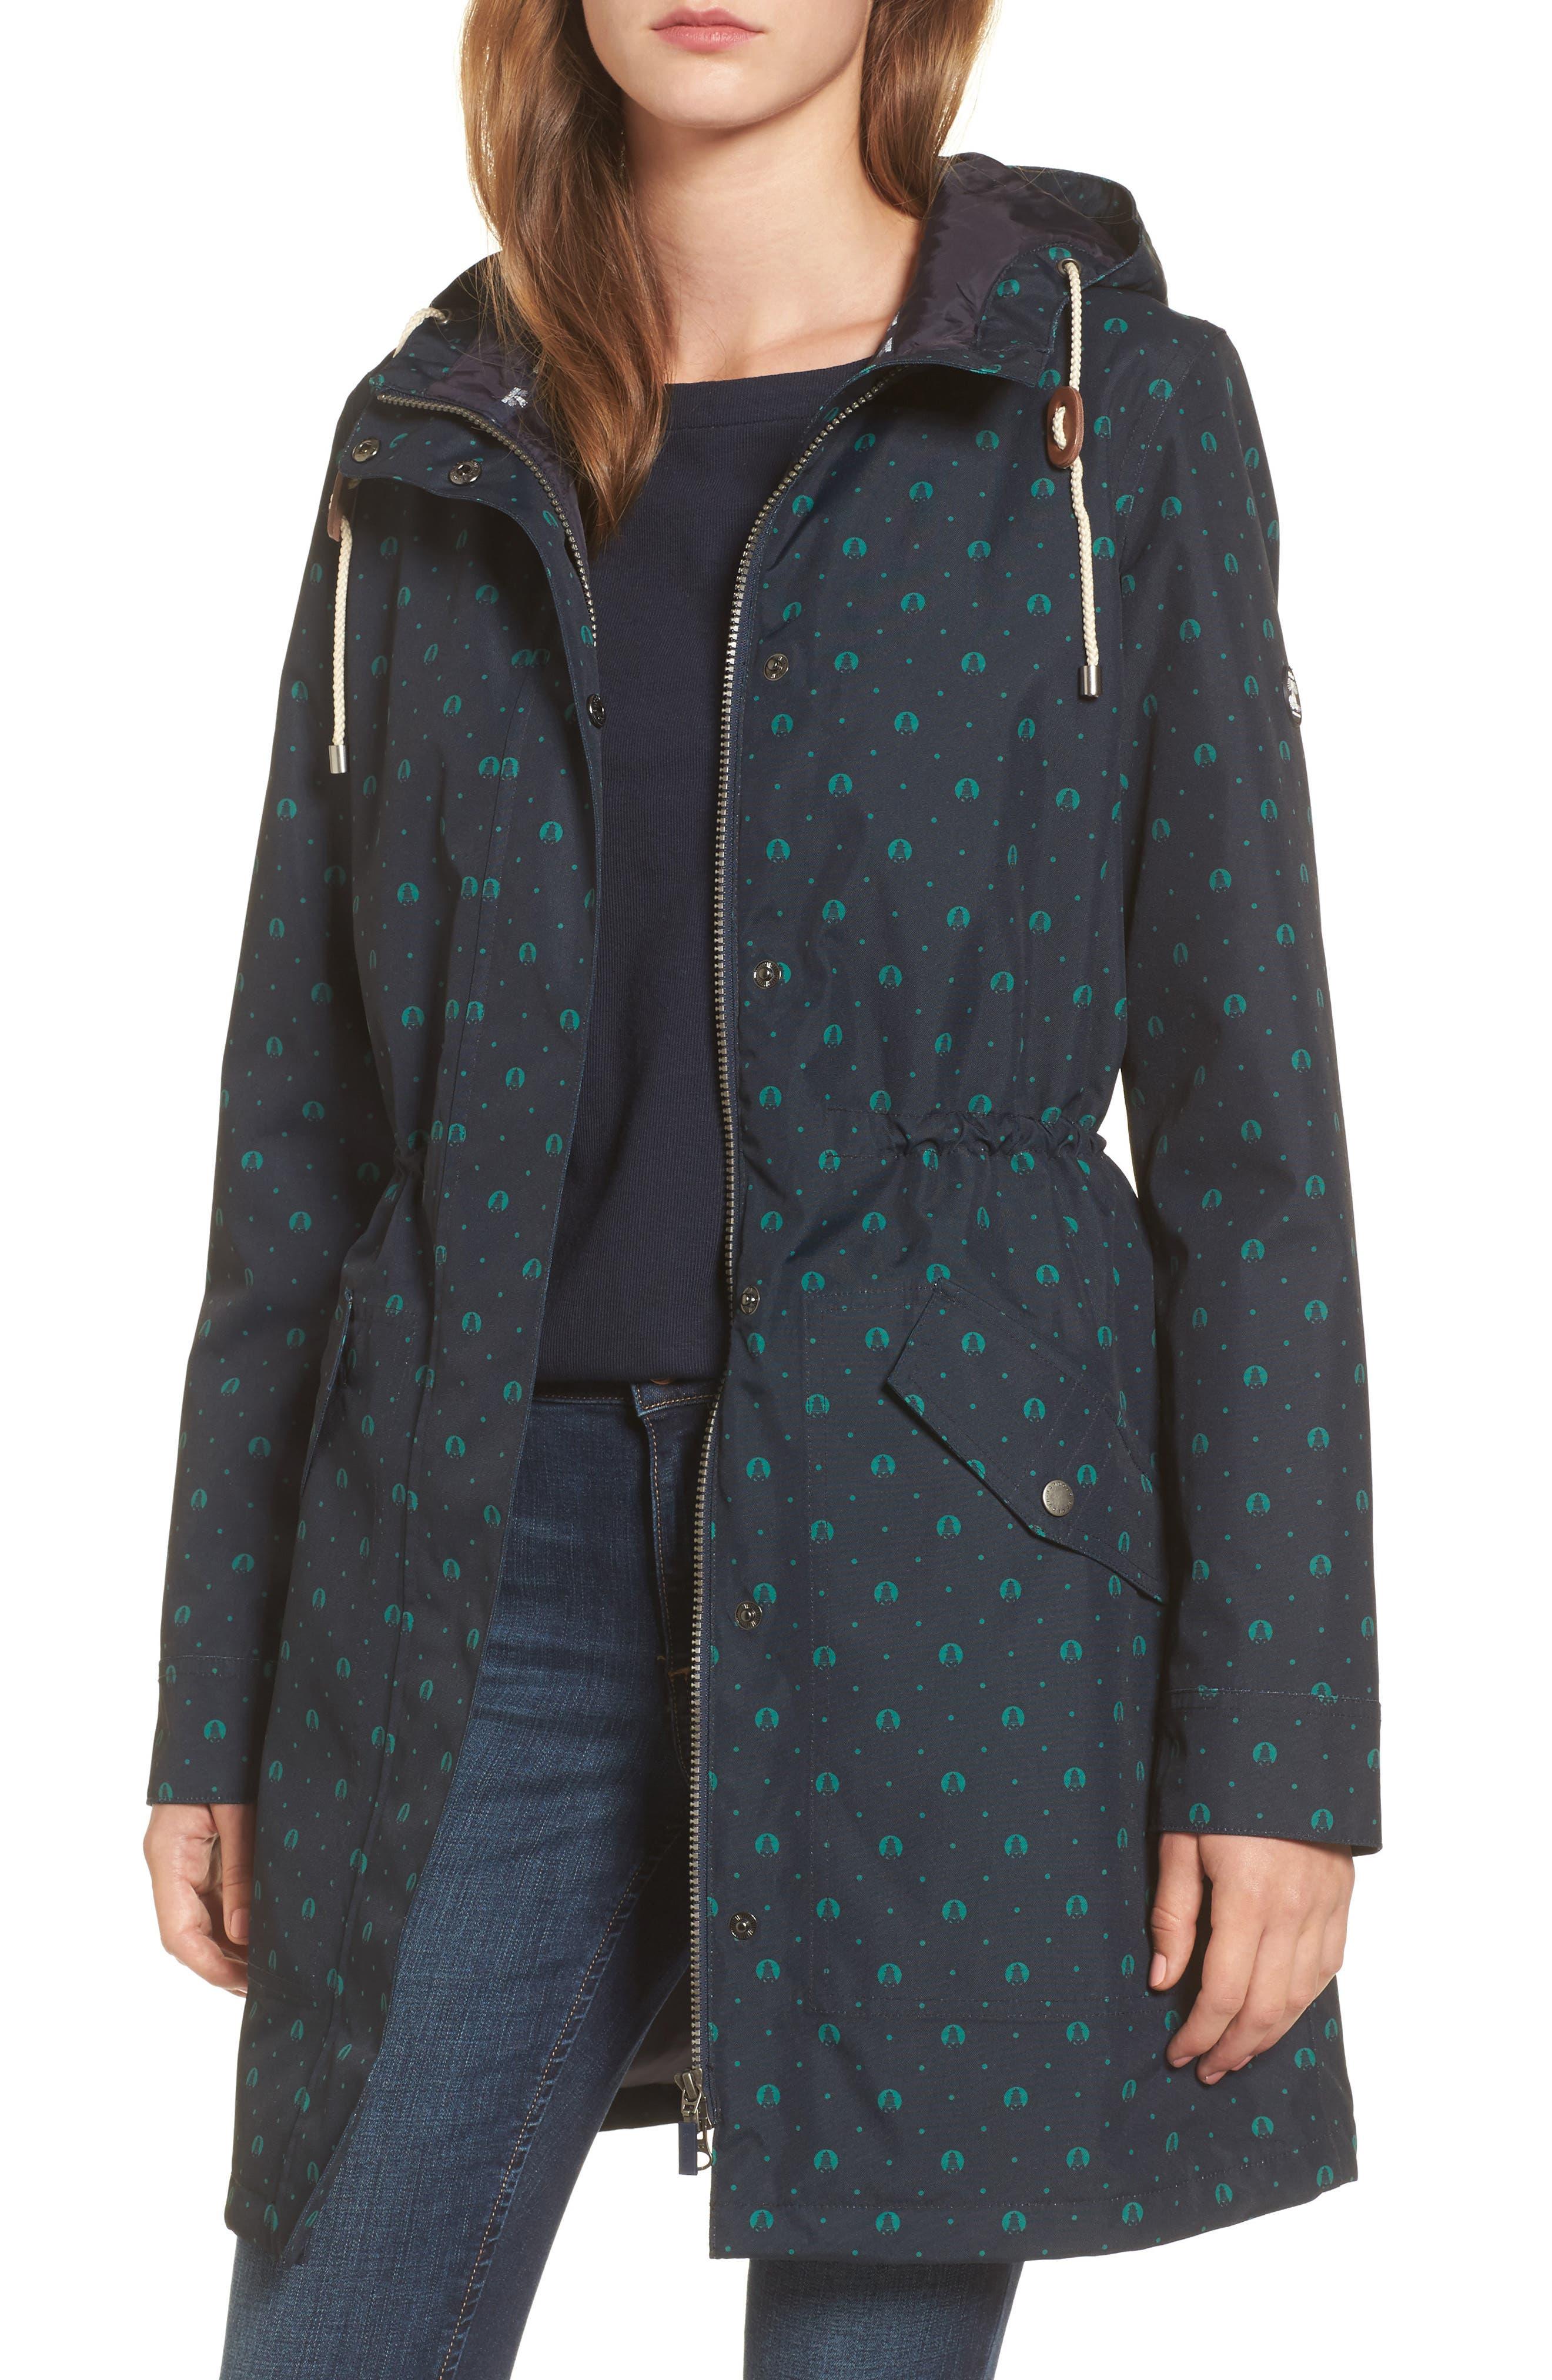 Decoy Anorak Jacket,                             Main thumbnail 1, color,                             Navy / Evergreen Beacon S